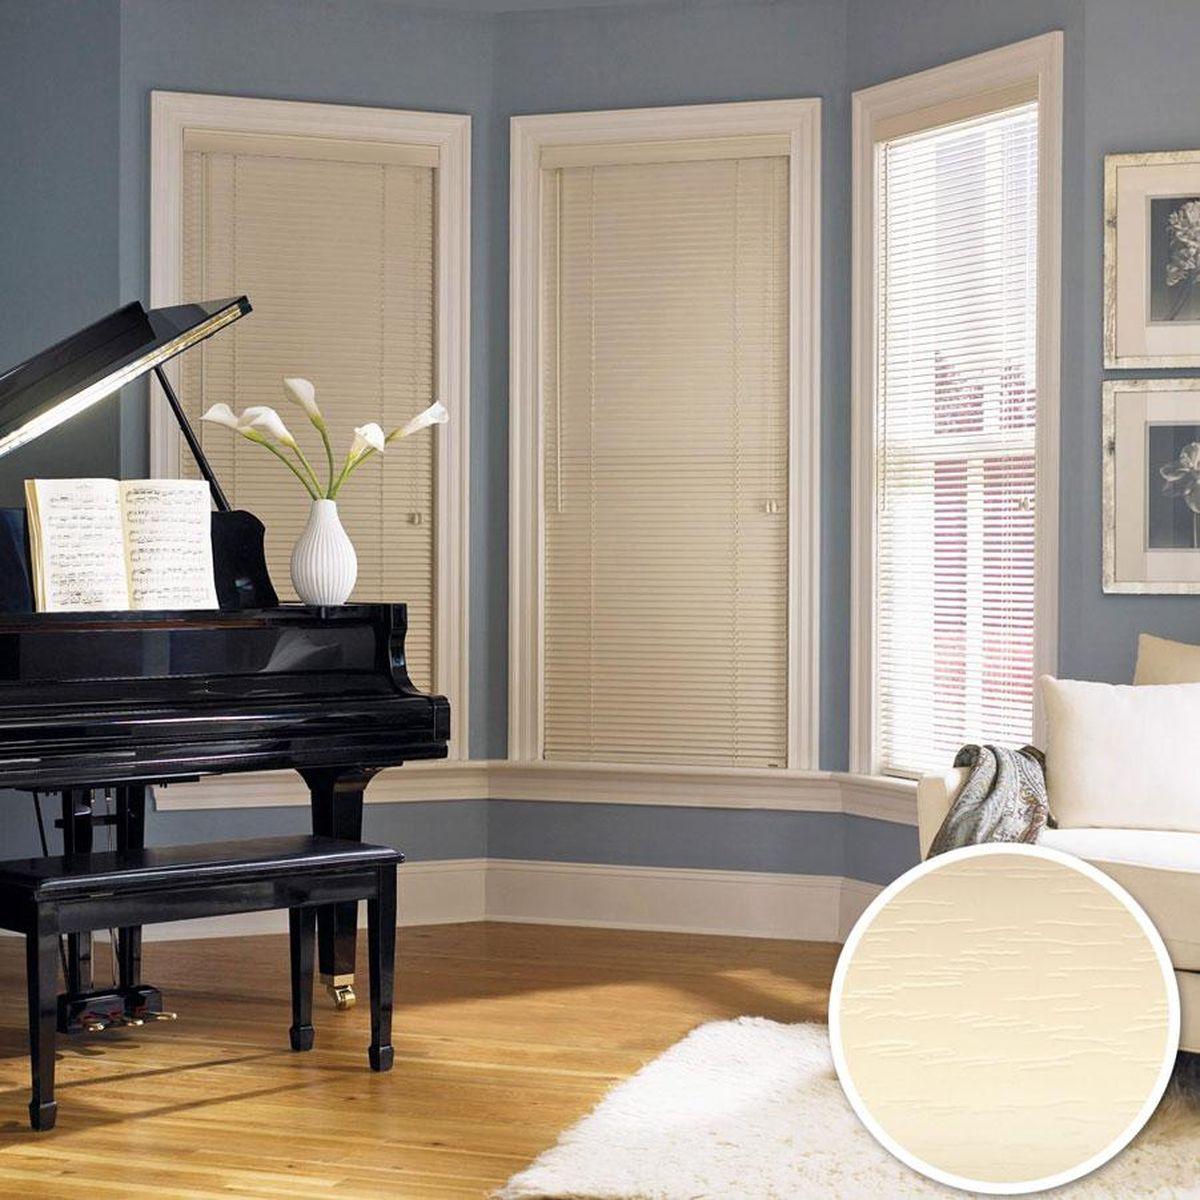 Жалюзи пластиковые 38 мм Эскар, горизонтальные, цвет: бежевый, ширина 160 см, высота 160 см6009090160Для того чтобы придать интерьеру изюминку и завершенность, нет ничего лучше, чем использовать жалюзи на окнах квартиры, дома или офиса. С их помощью можно подчеркнуть индивидуальный вкус, а также стилевое оформление помещения. Помимо декоративных функций, жалюзи выполняют и практические задачи: они защищают от излишнего солнечного света, не дают помещению нагреваться, а также создают уют в темное время суток.Пластиковые жалюзи - самое универсальное и недорогое решение для любого помещения. Купить их может каждый, а широкий выбор размеров под самые популярные габариты сделает покупку простой и удобной. Пластиковые жалюзи имеют высокие эксплуатационные характеристики - они гигиеничны, что делает их незаменимыми при монтаже в детских и медицинских учреждениях.